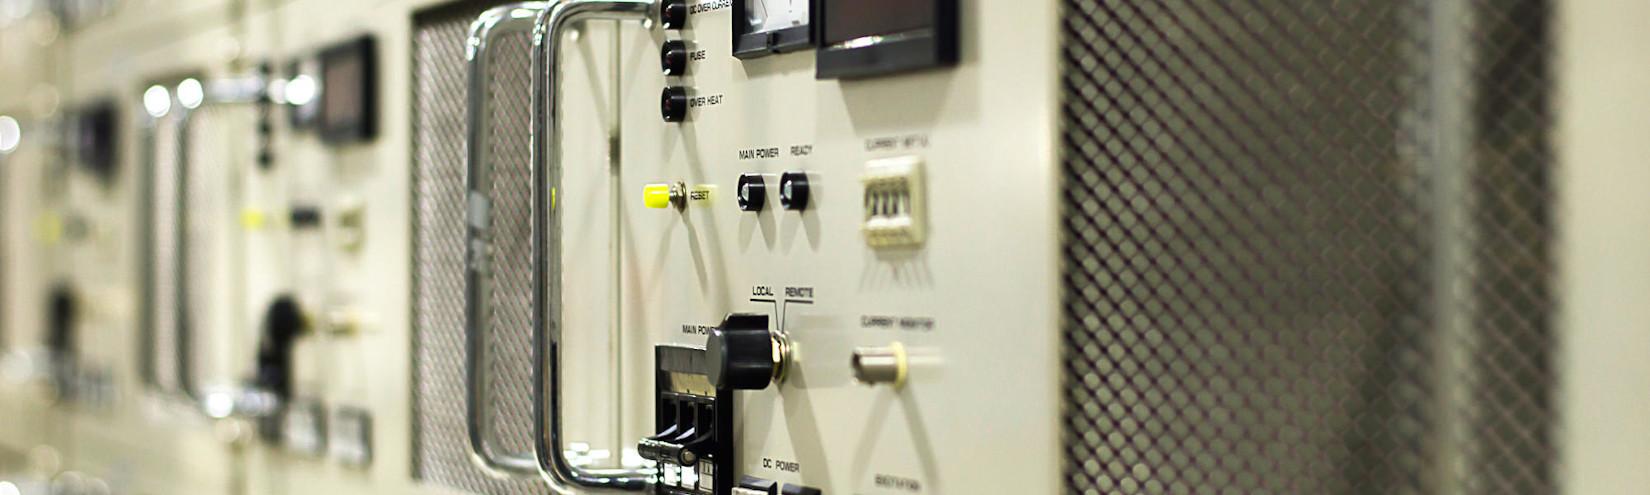 électricité et instrumentation